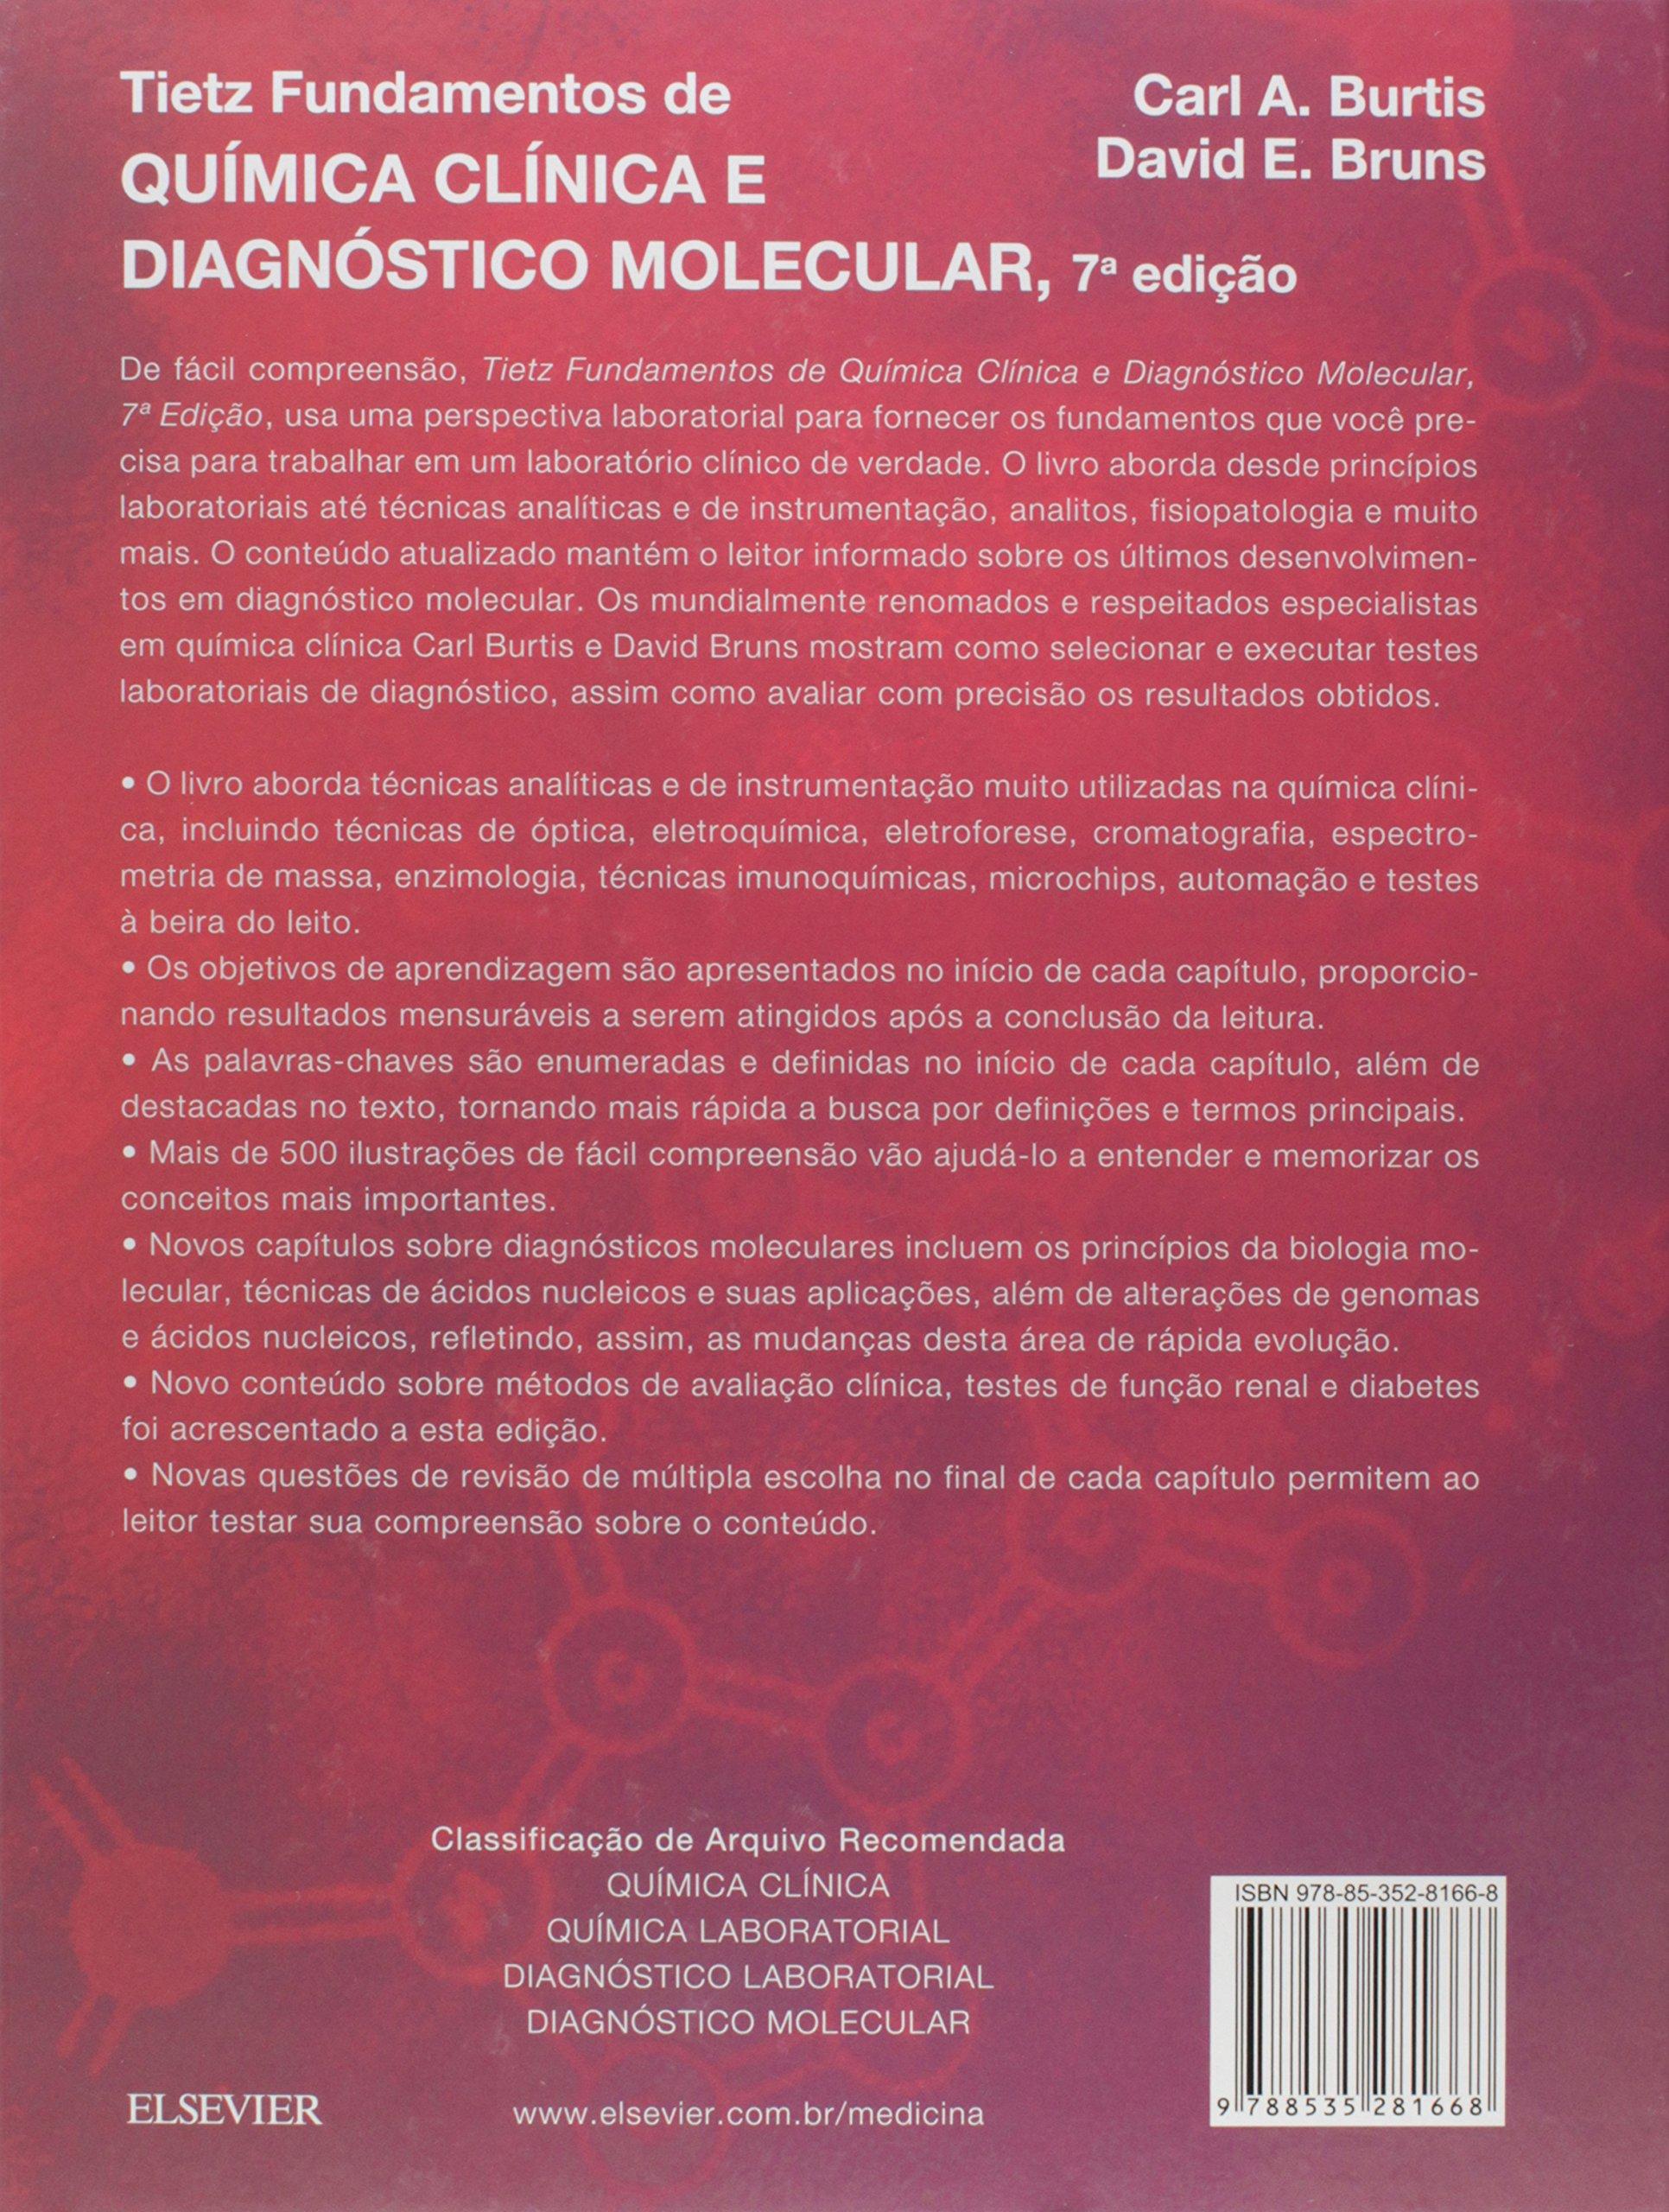 Tietz Fundamentos de Química Clínica e Diagnóstico Molecular ...